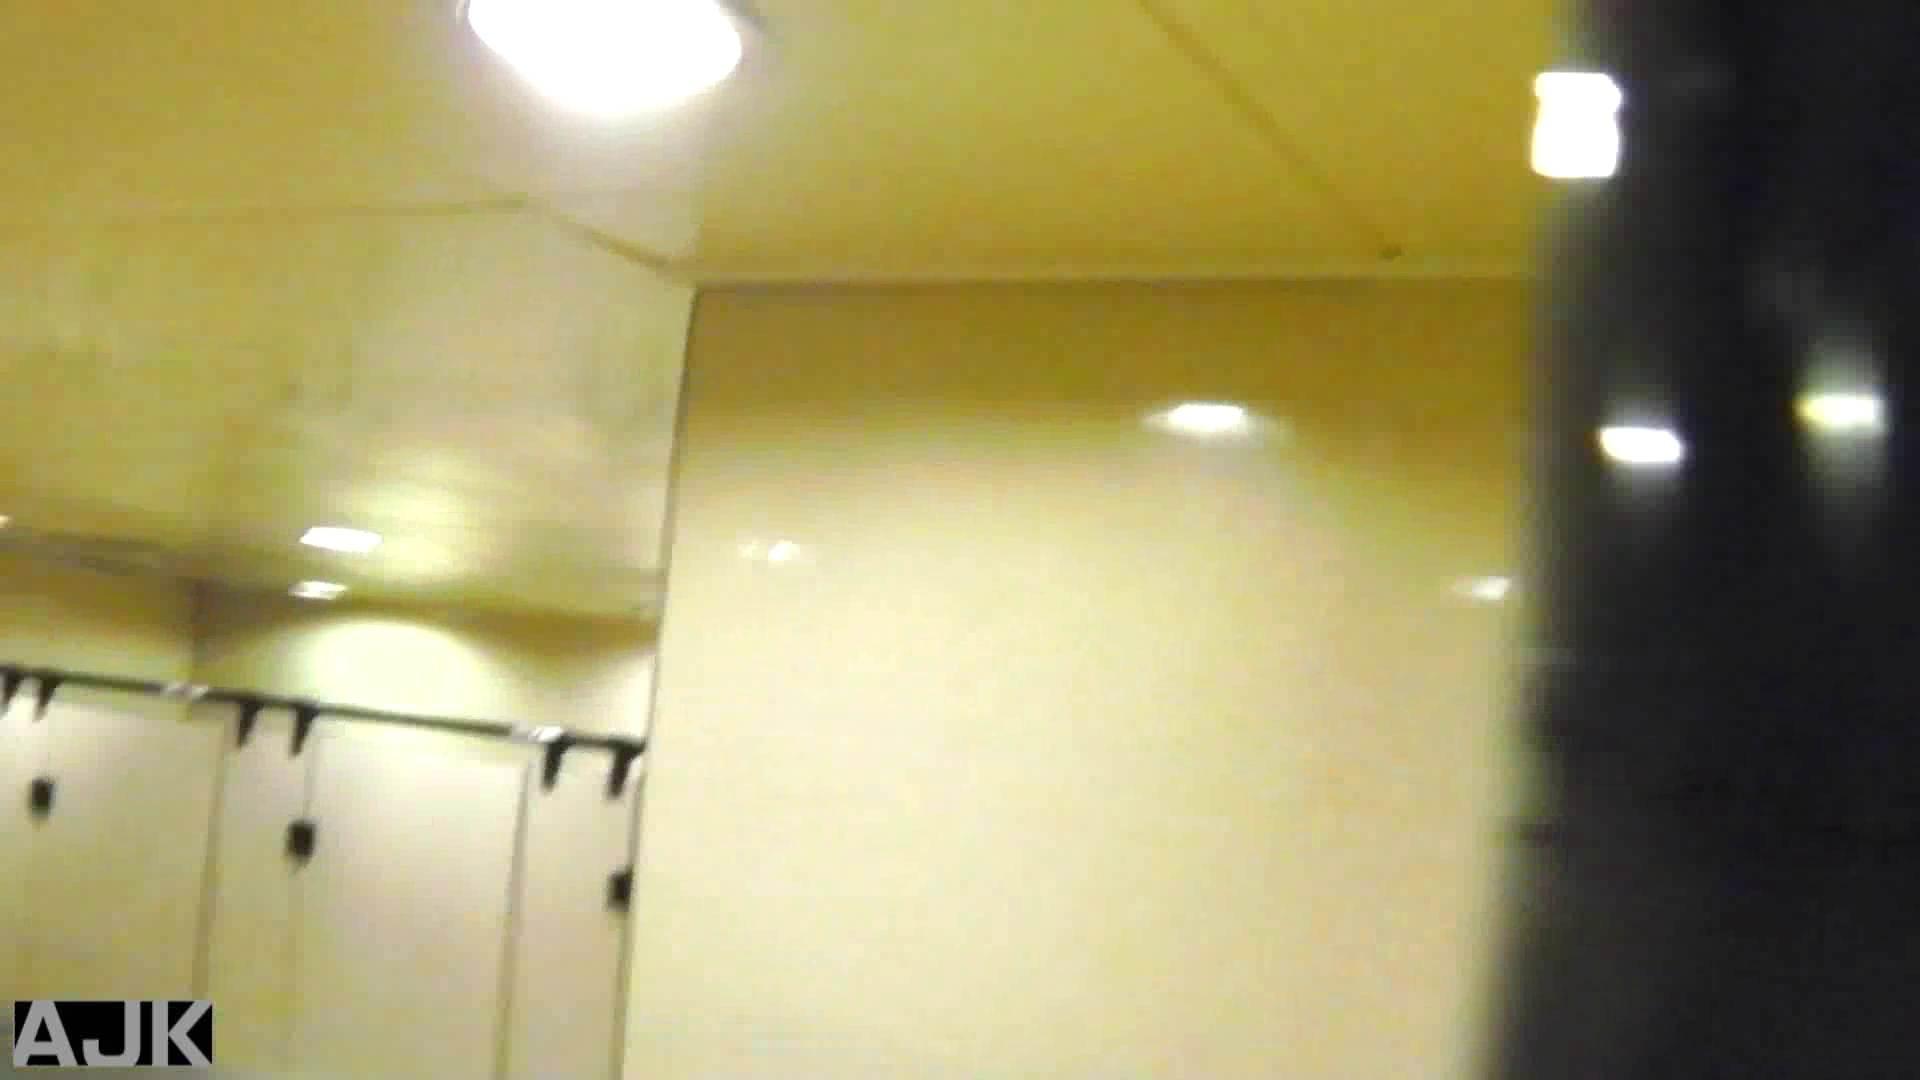 隣国上階級エリアの令嬢たちが集うデパートお手洗い Vol.03 おまんこ  104PIX 1